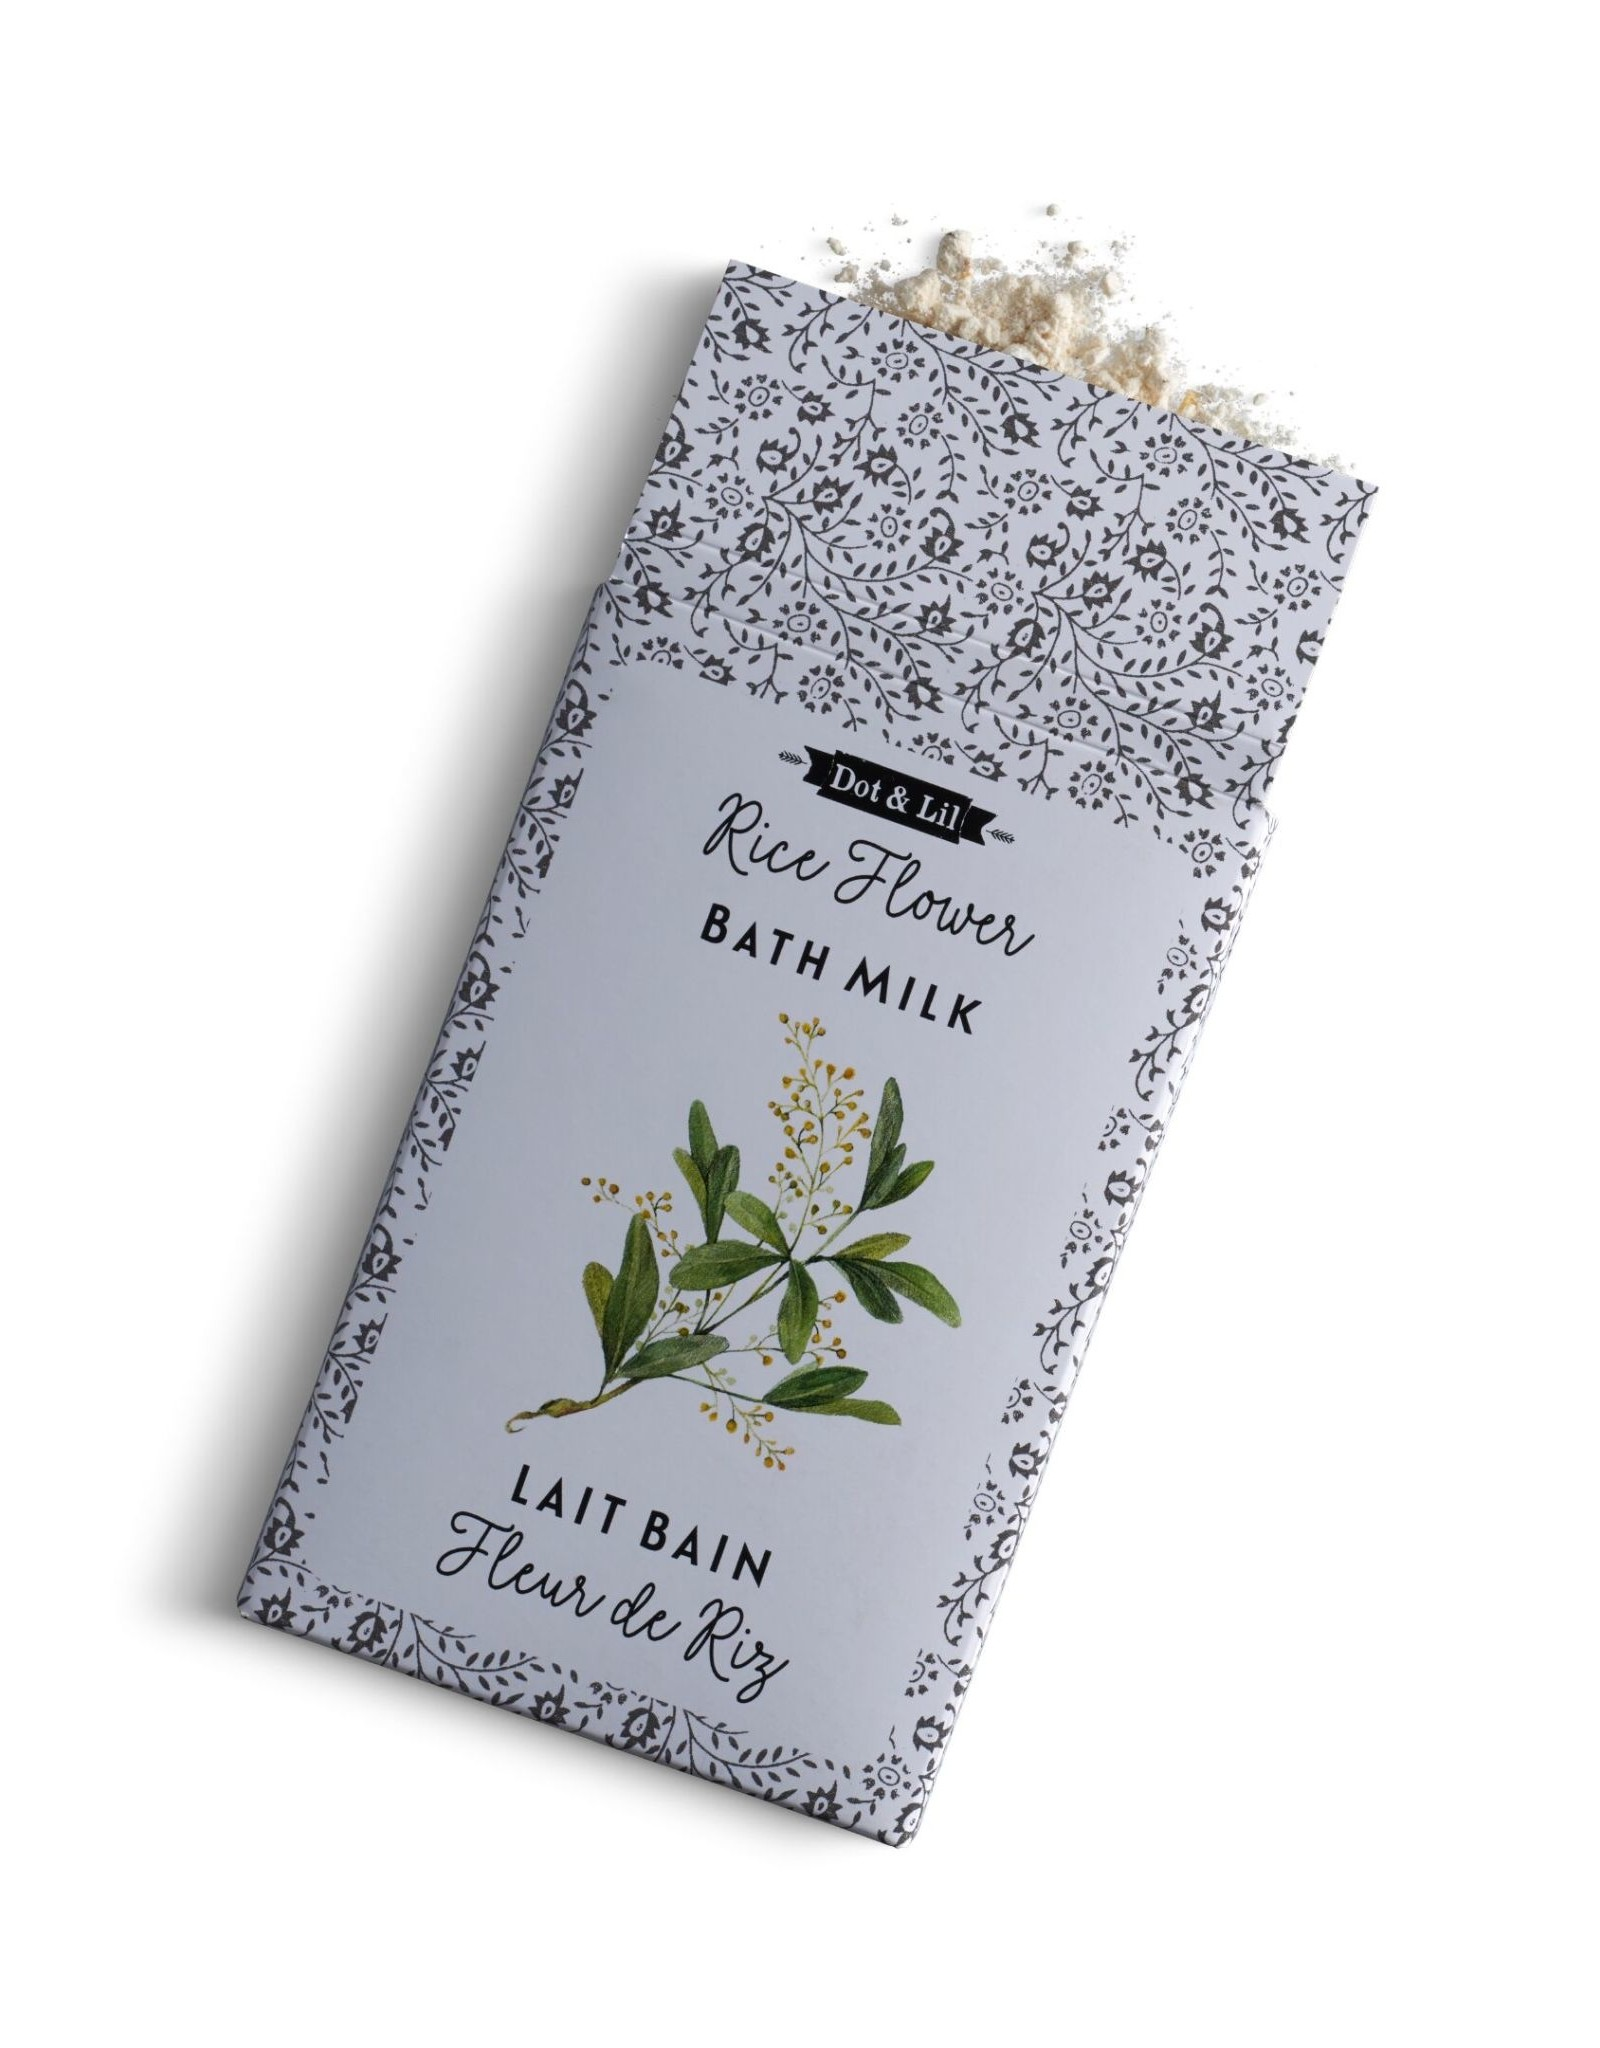 Dot & lil Sachet Lait de bain : Fleur de riz